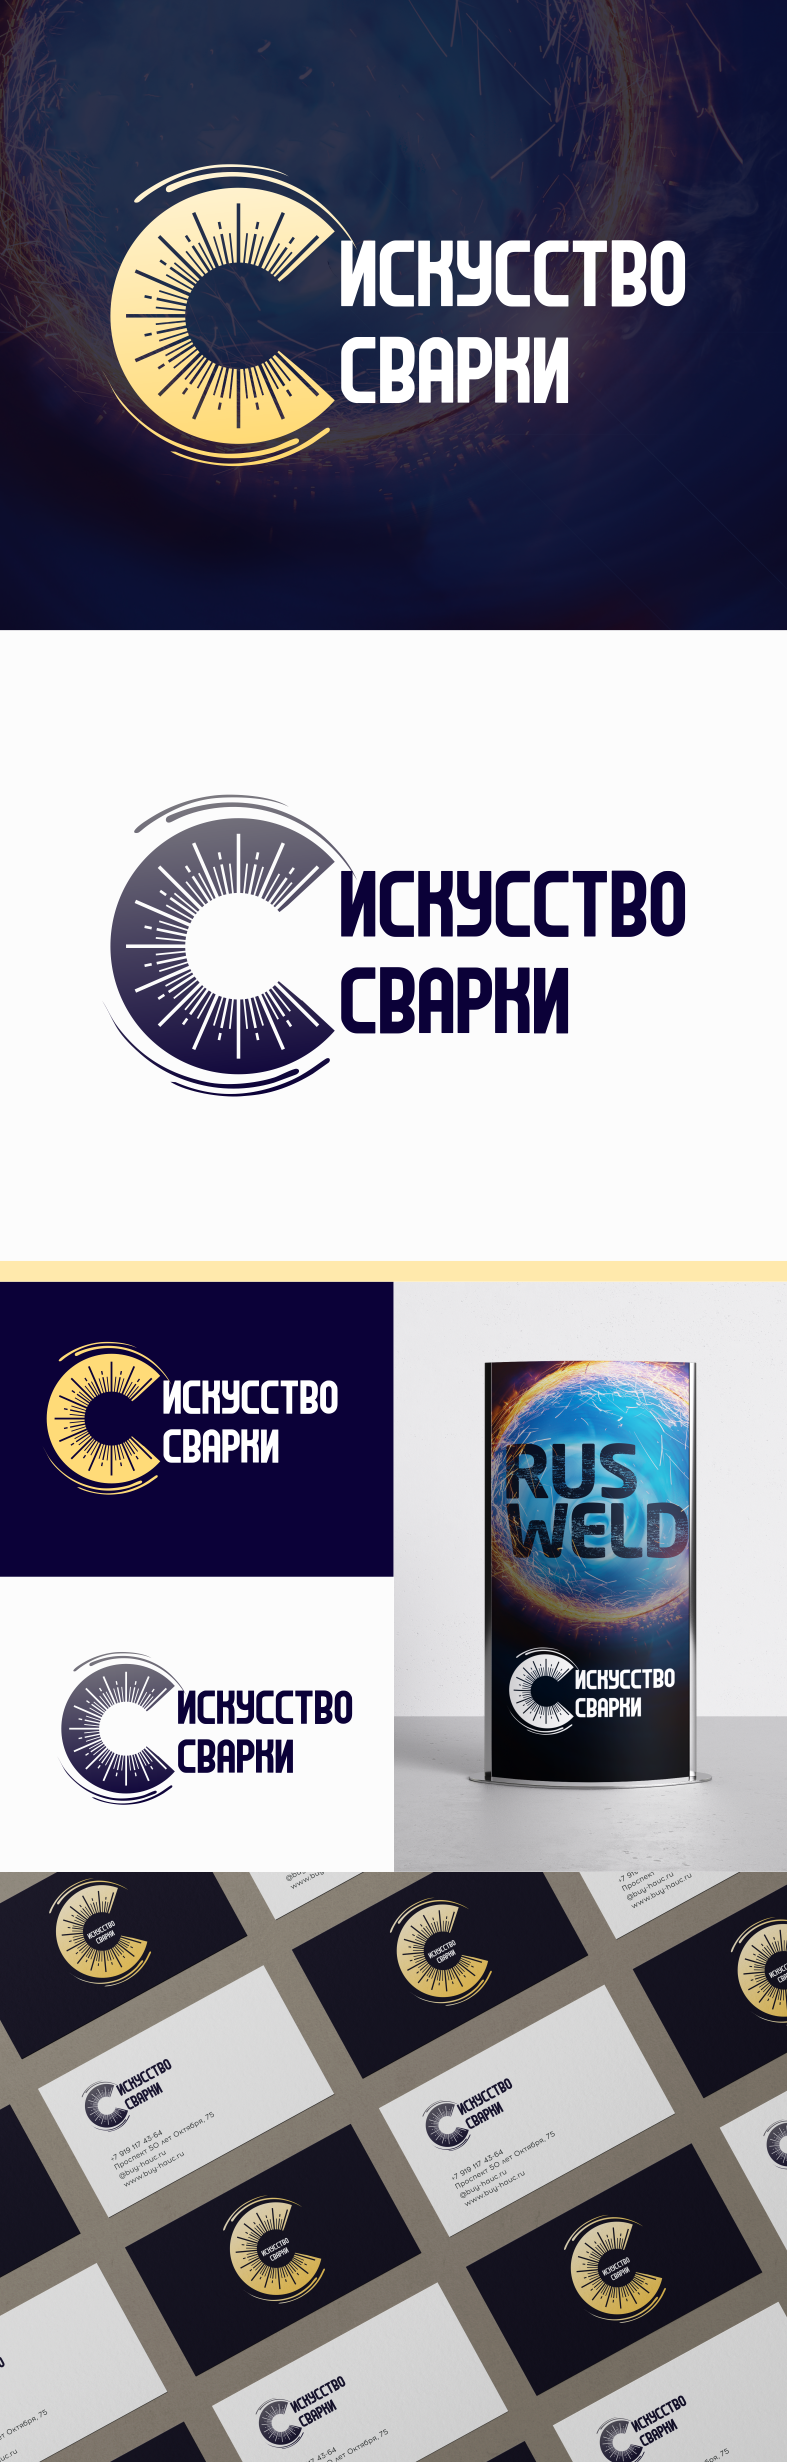 Разработка логотипа для Конкурса фото f_3805f6db6e83be05.png